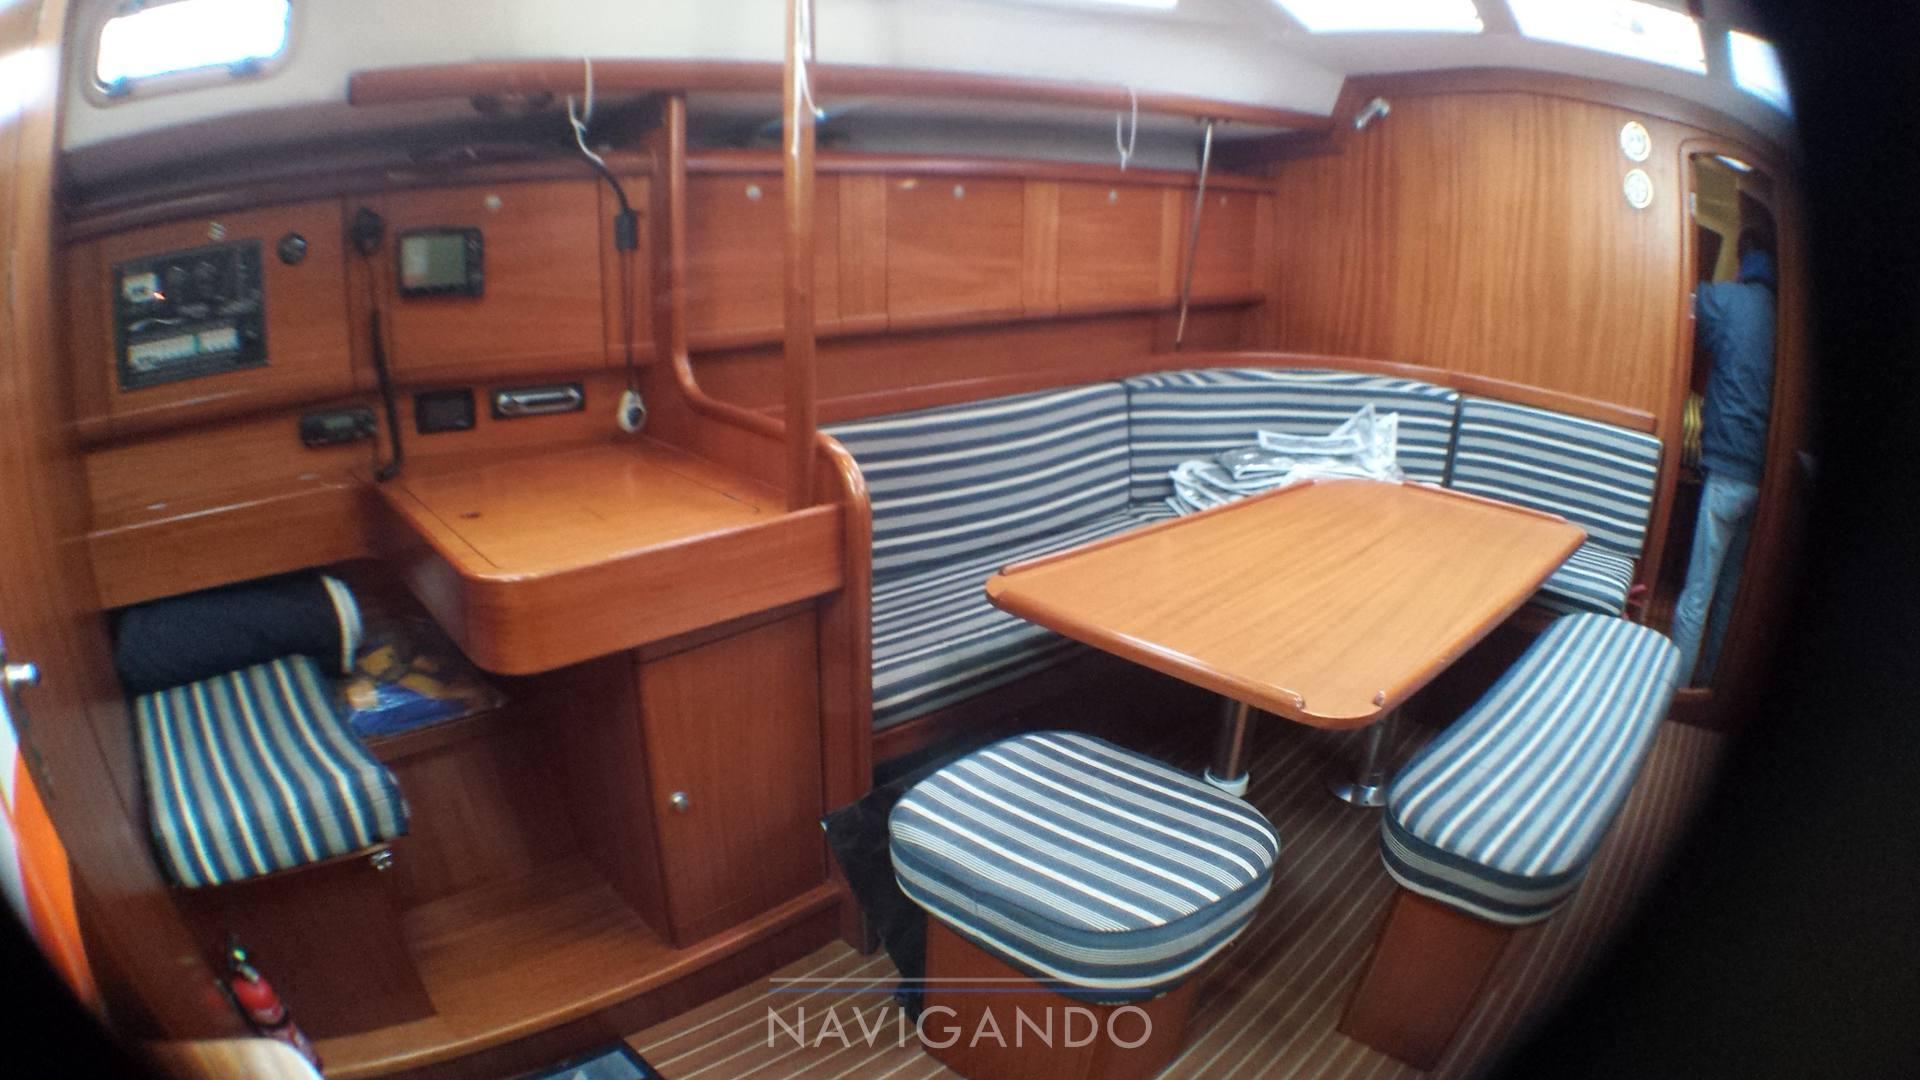 Delphia 40 Barca a vela usata in vendita